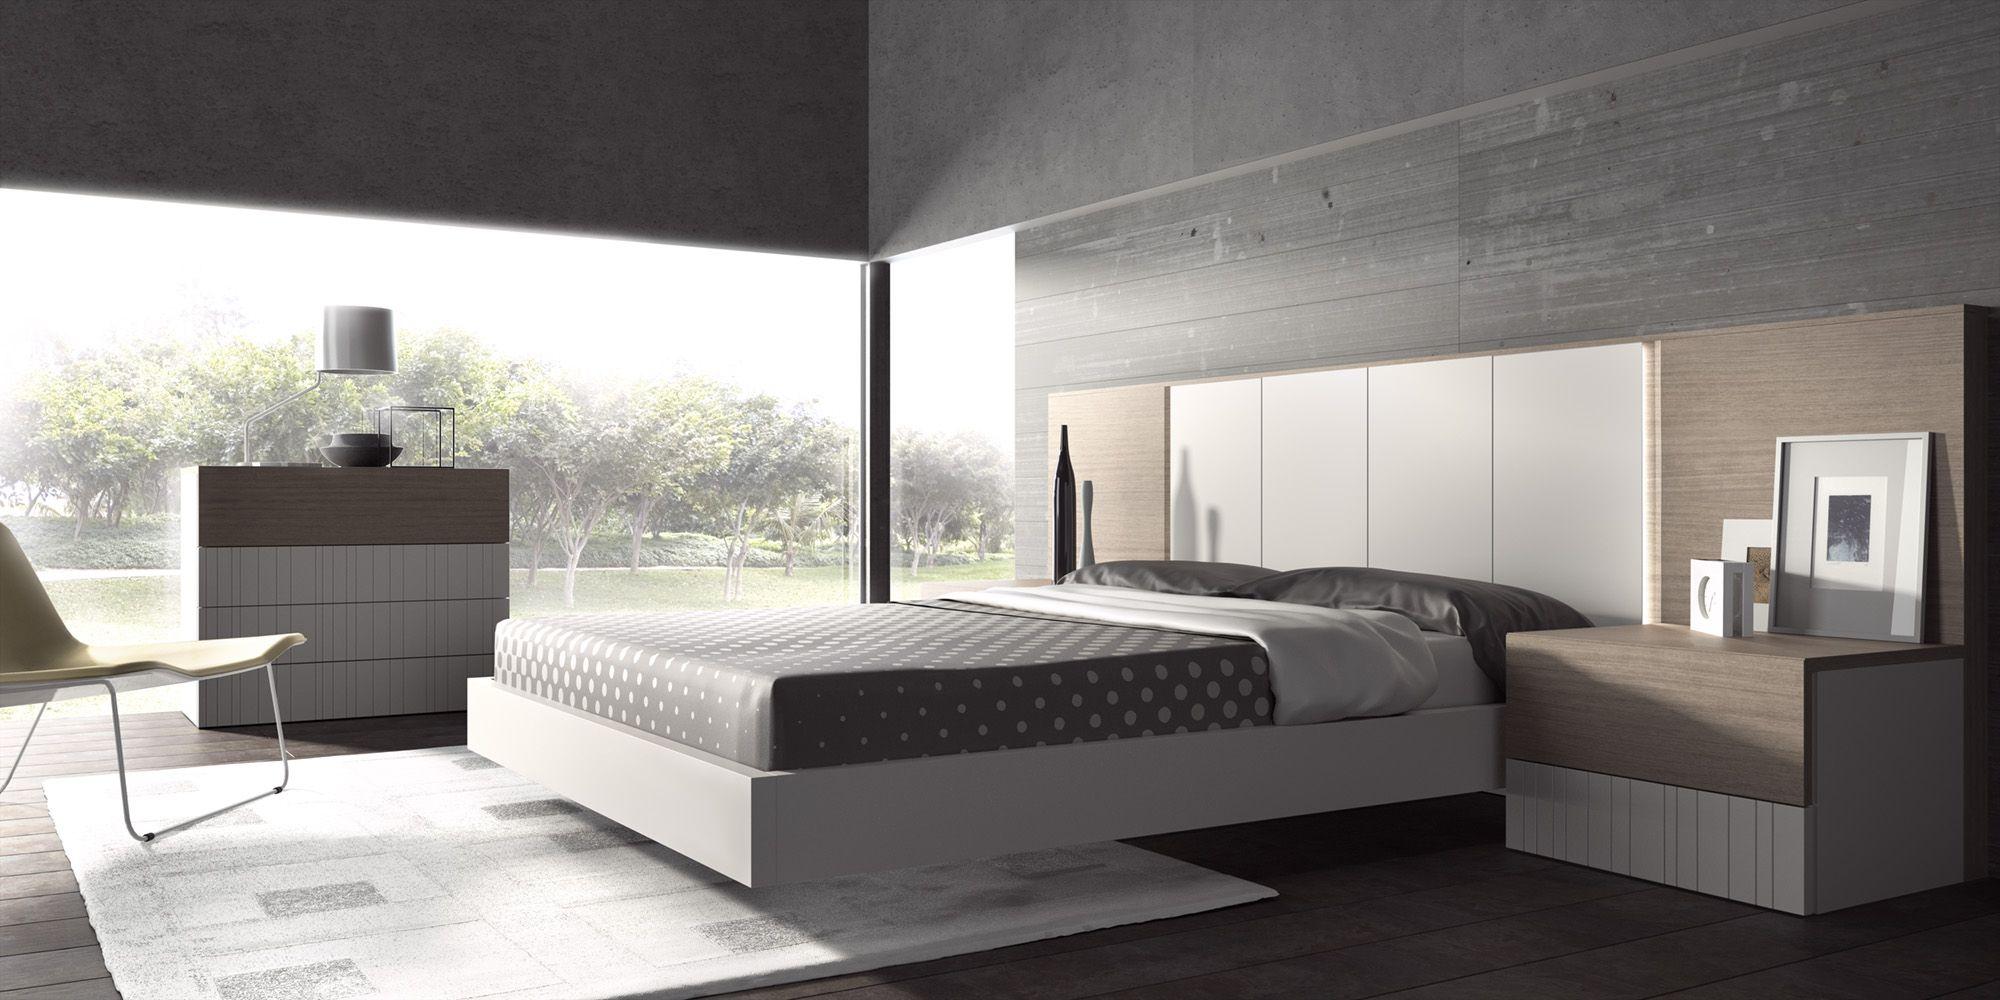 Guardia 1 - DORMITORIOS - Mobel 6000 | Diseño moderno, Experiencia y ...